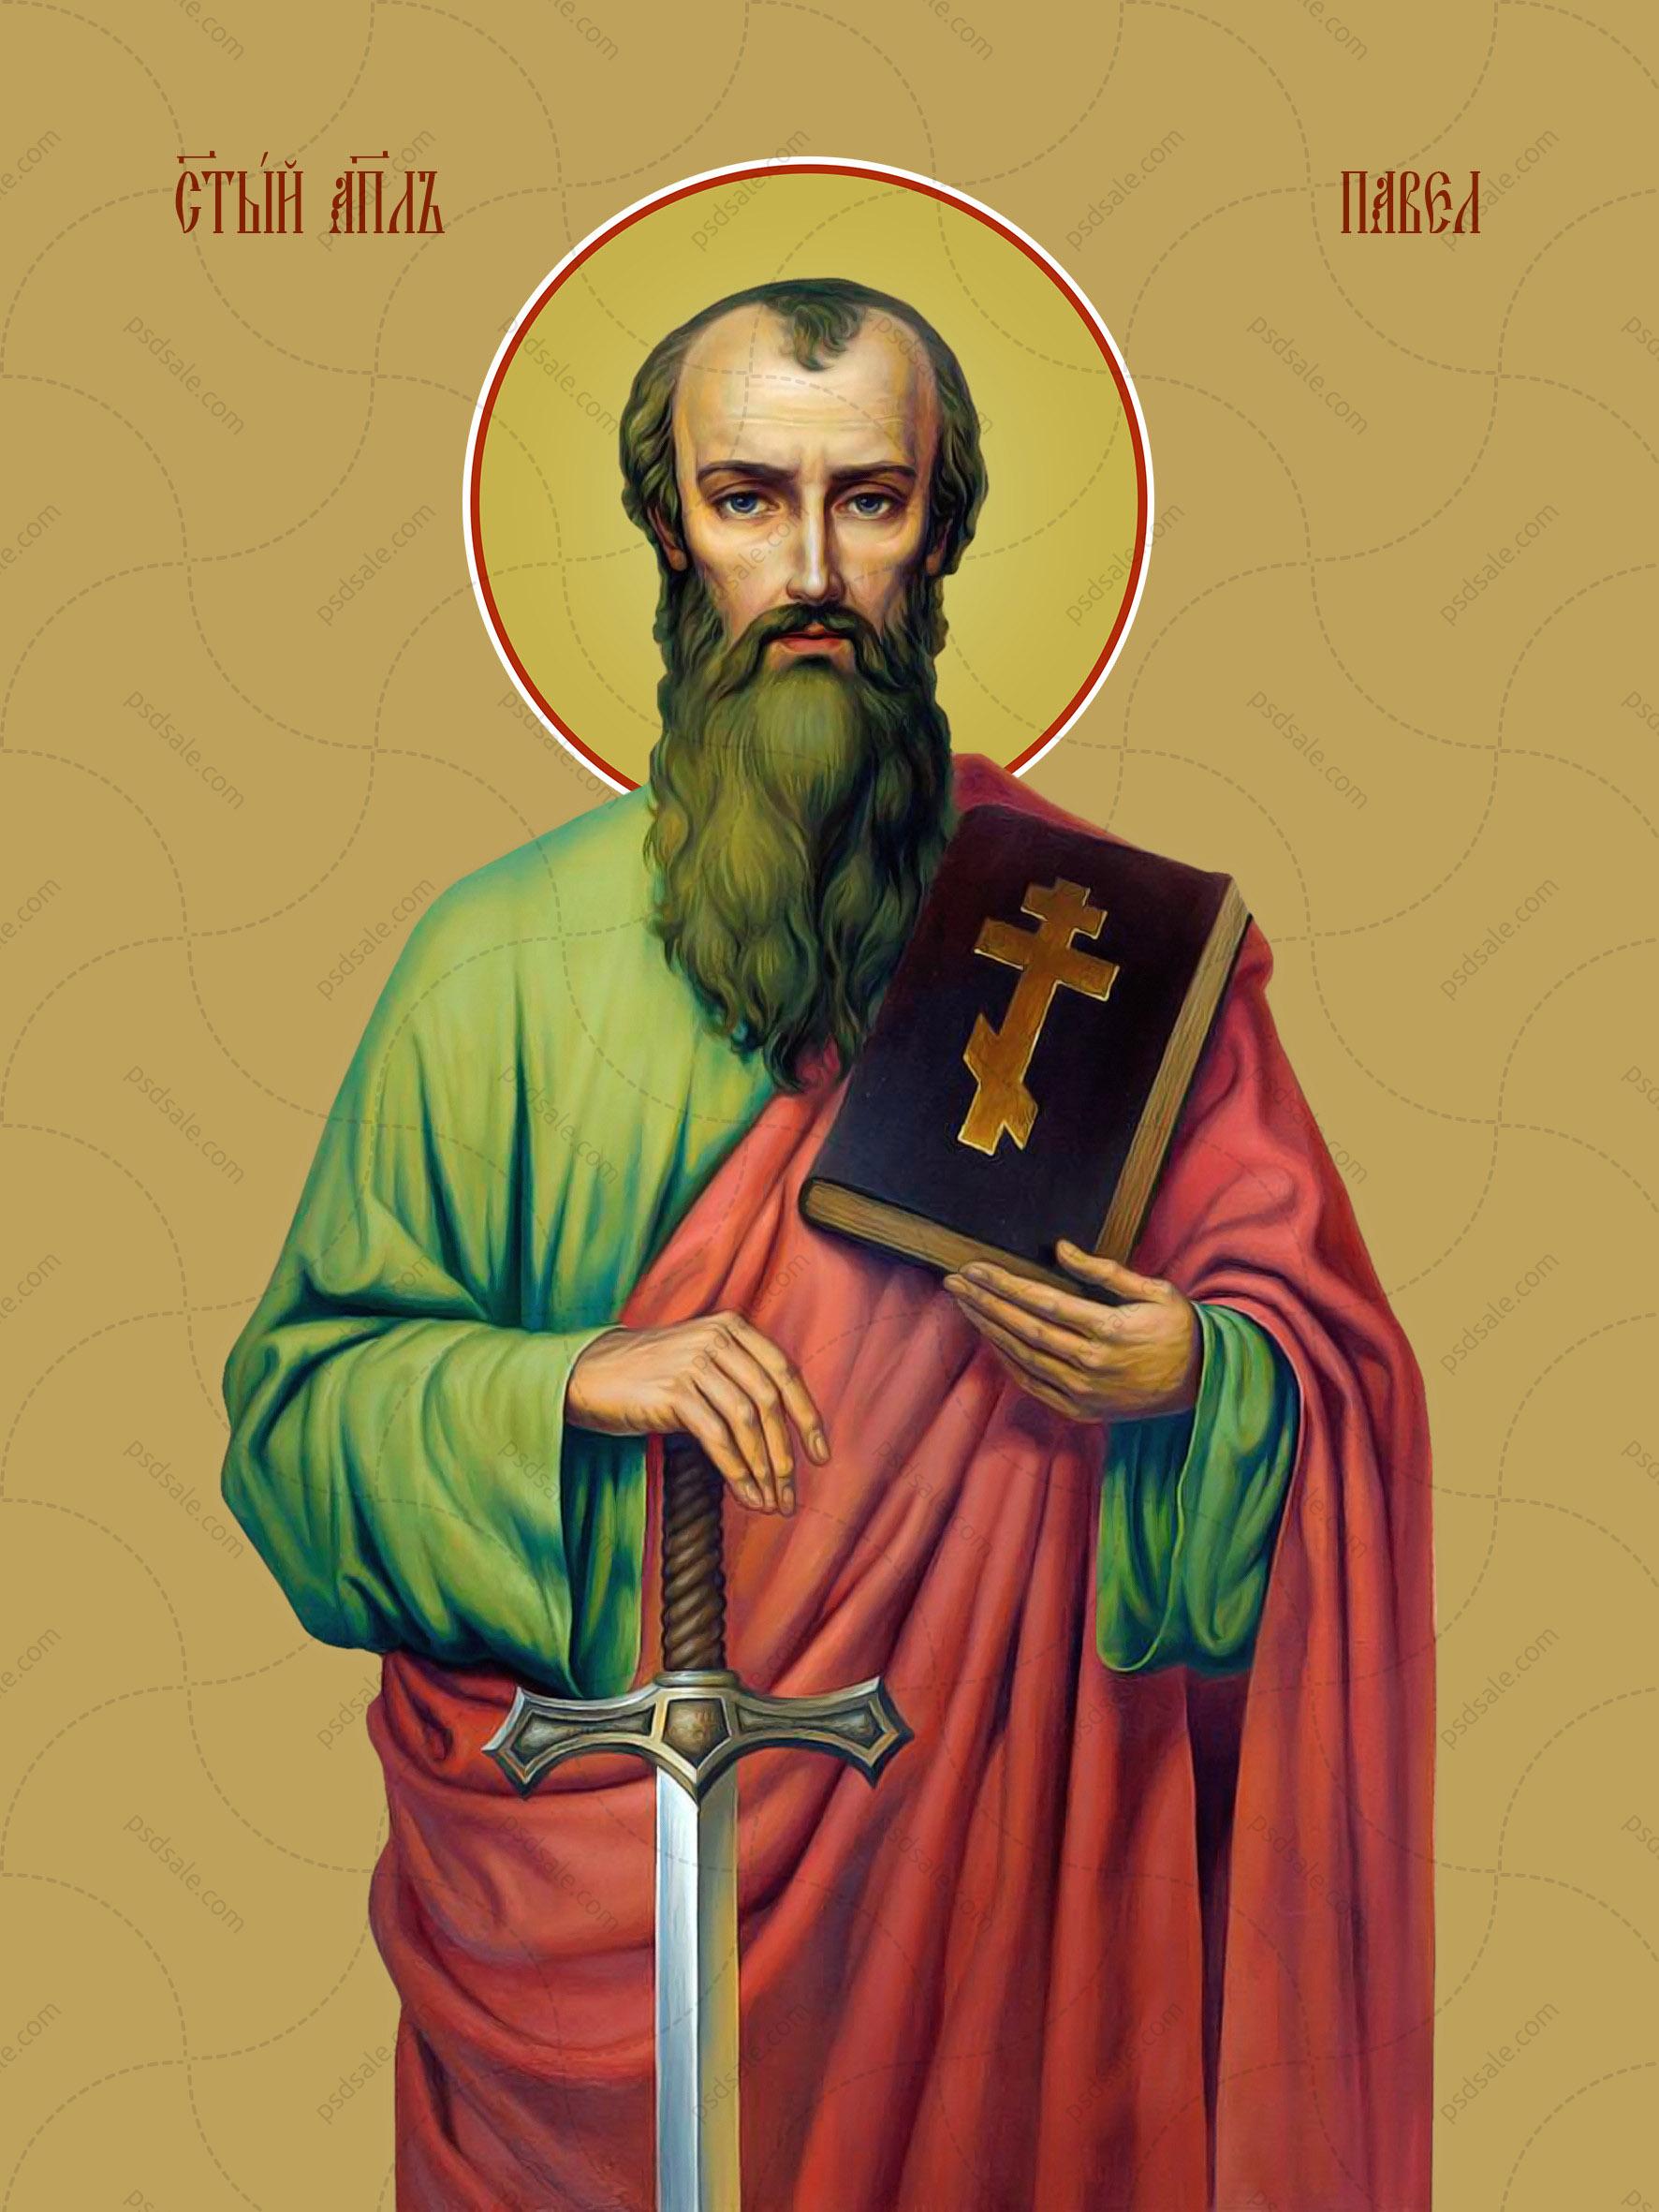 Павел, святой апостол